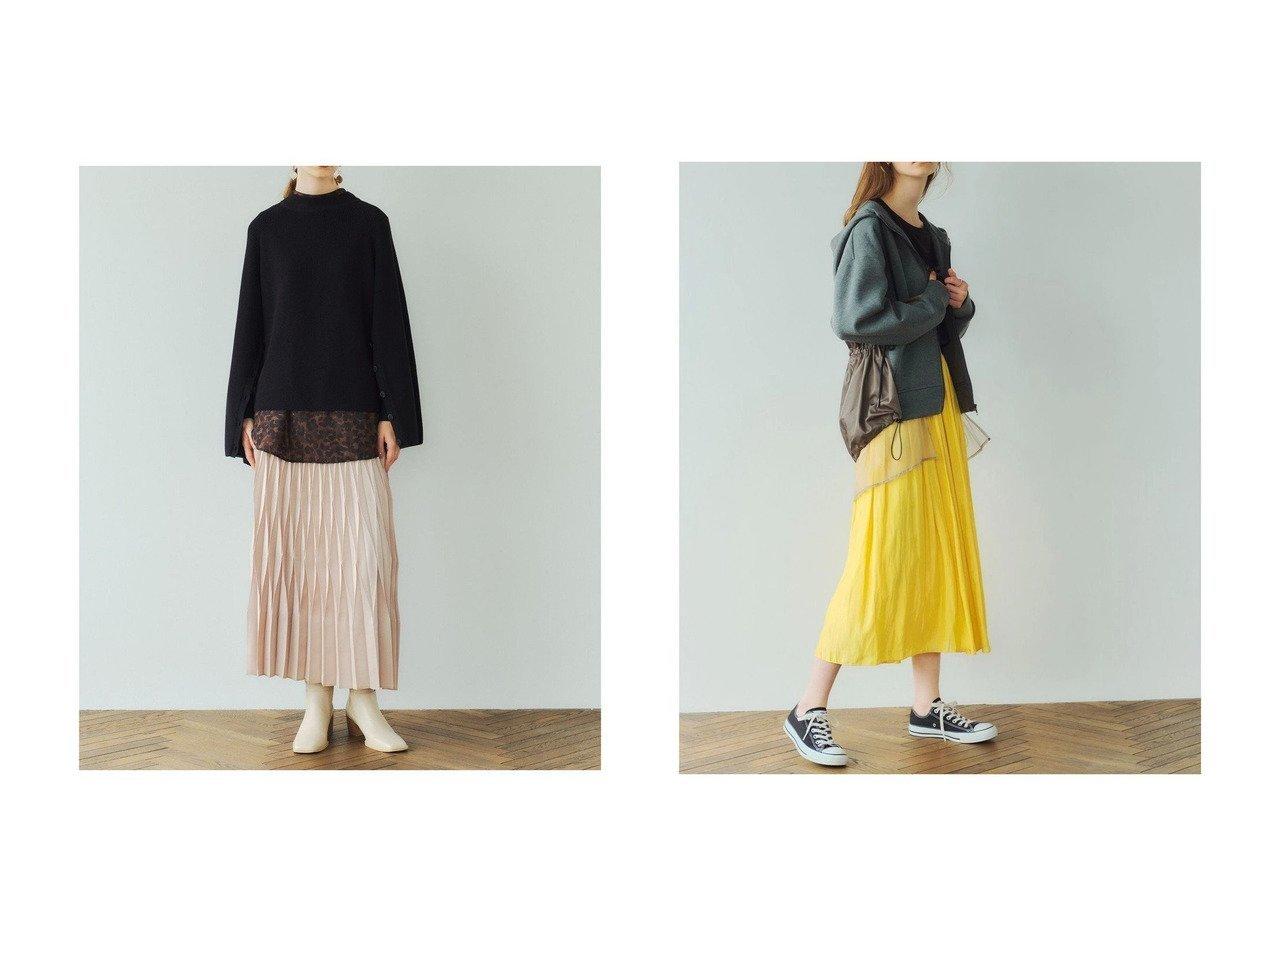 【YECCA VECCA/イェッカ ヴェッカ】のギャザーロングスカート&ダイヤモンドプリーツスカート 【スカート】おすすめ!人気、トレンド・レディースファッションの通販 おすすめで人気の流行・トレンド、ファッションの通販商品 インテリア・家具・メンズファッション・キッズファッション・レディースファッション・服の通販 founy(ファニー) https://founy.com/ ファッション Fashion レディースファッション WOMEN スカート Skirt プリーツスカート Pleated Skirts ロングスカート Long Skirt 送料無料 Free Shipping エレガント シンプル ダイヤモンド フォーマル プリーツ ギャザー ロング  ID:crp329100000068456